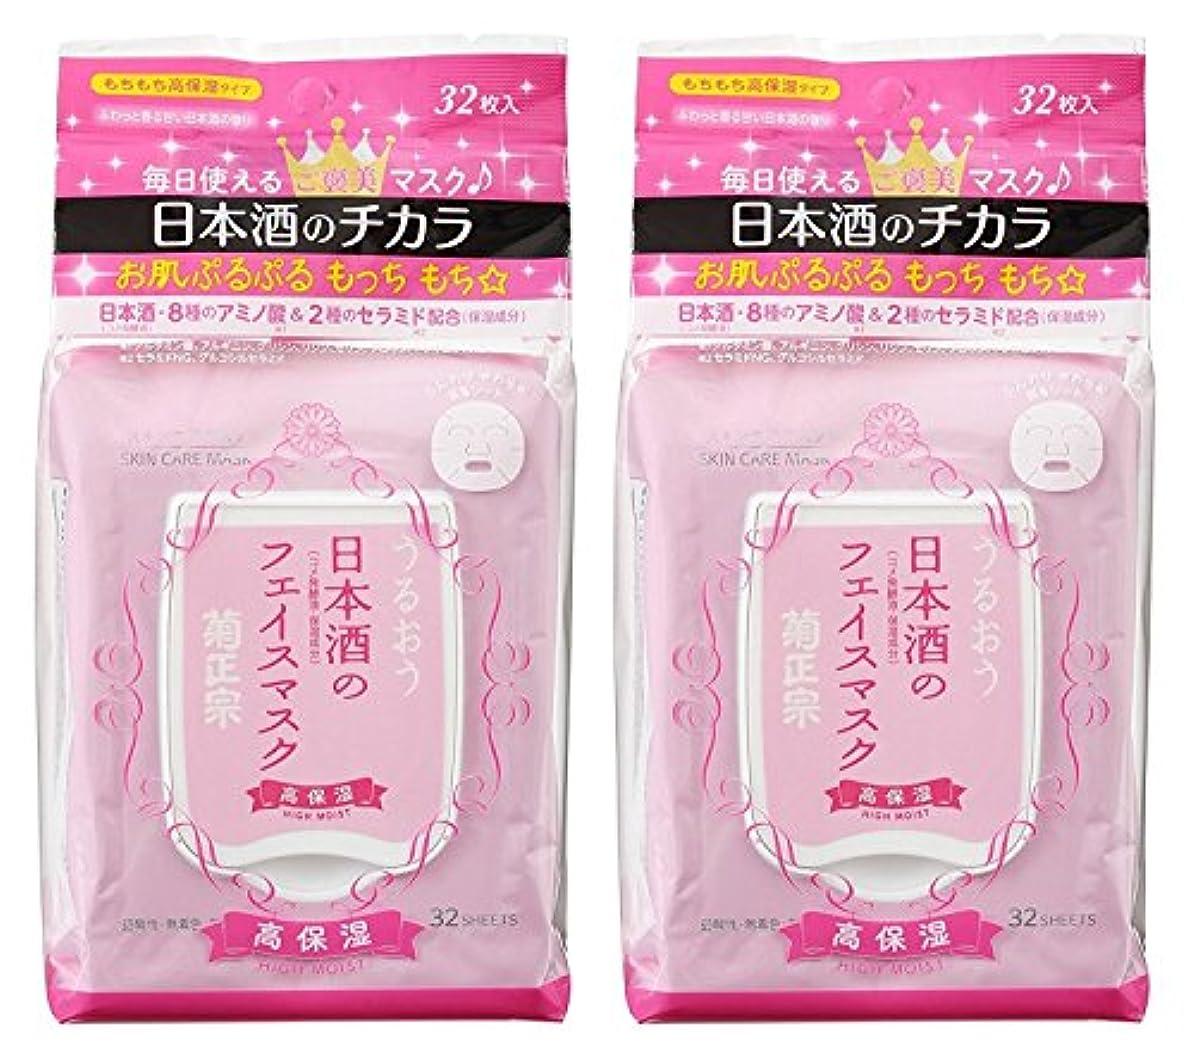 最初まもなく問い合わせる菊正宗 日本酒のフェイスマスク 高保湿 32枚入×2セット